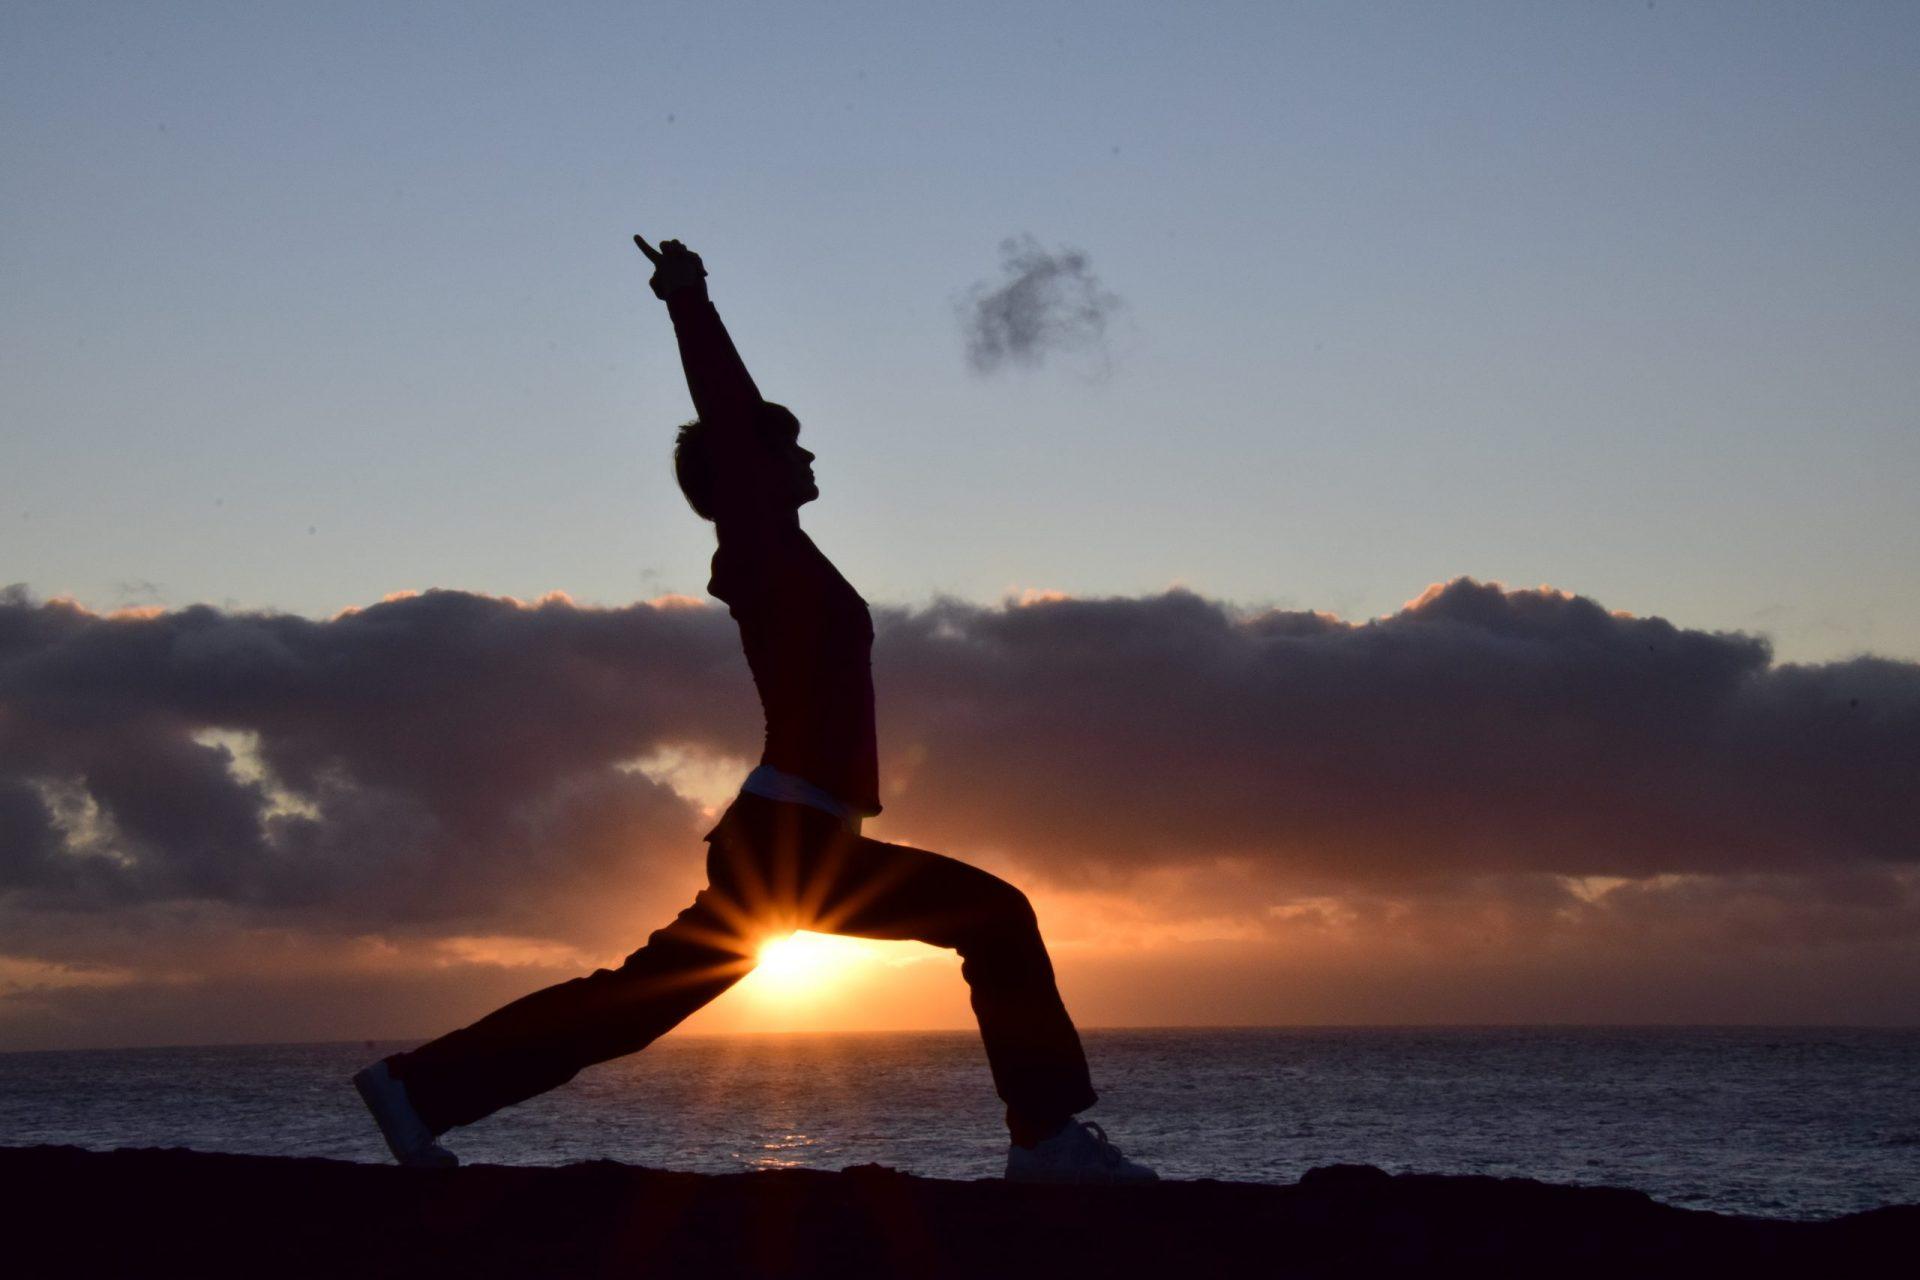 Lanzarote Abendstimmung Yogafoto von Evelyn Fischereder, lyn yoga